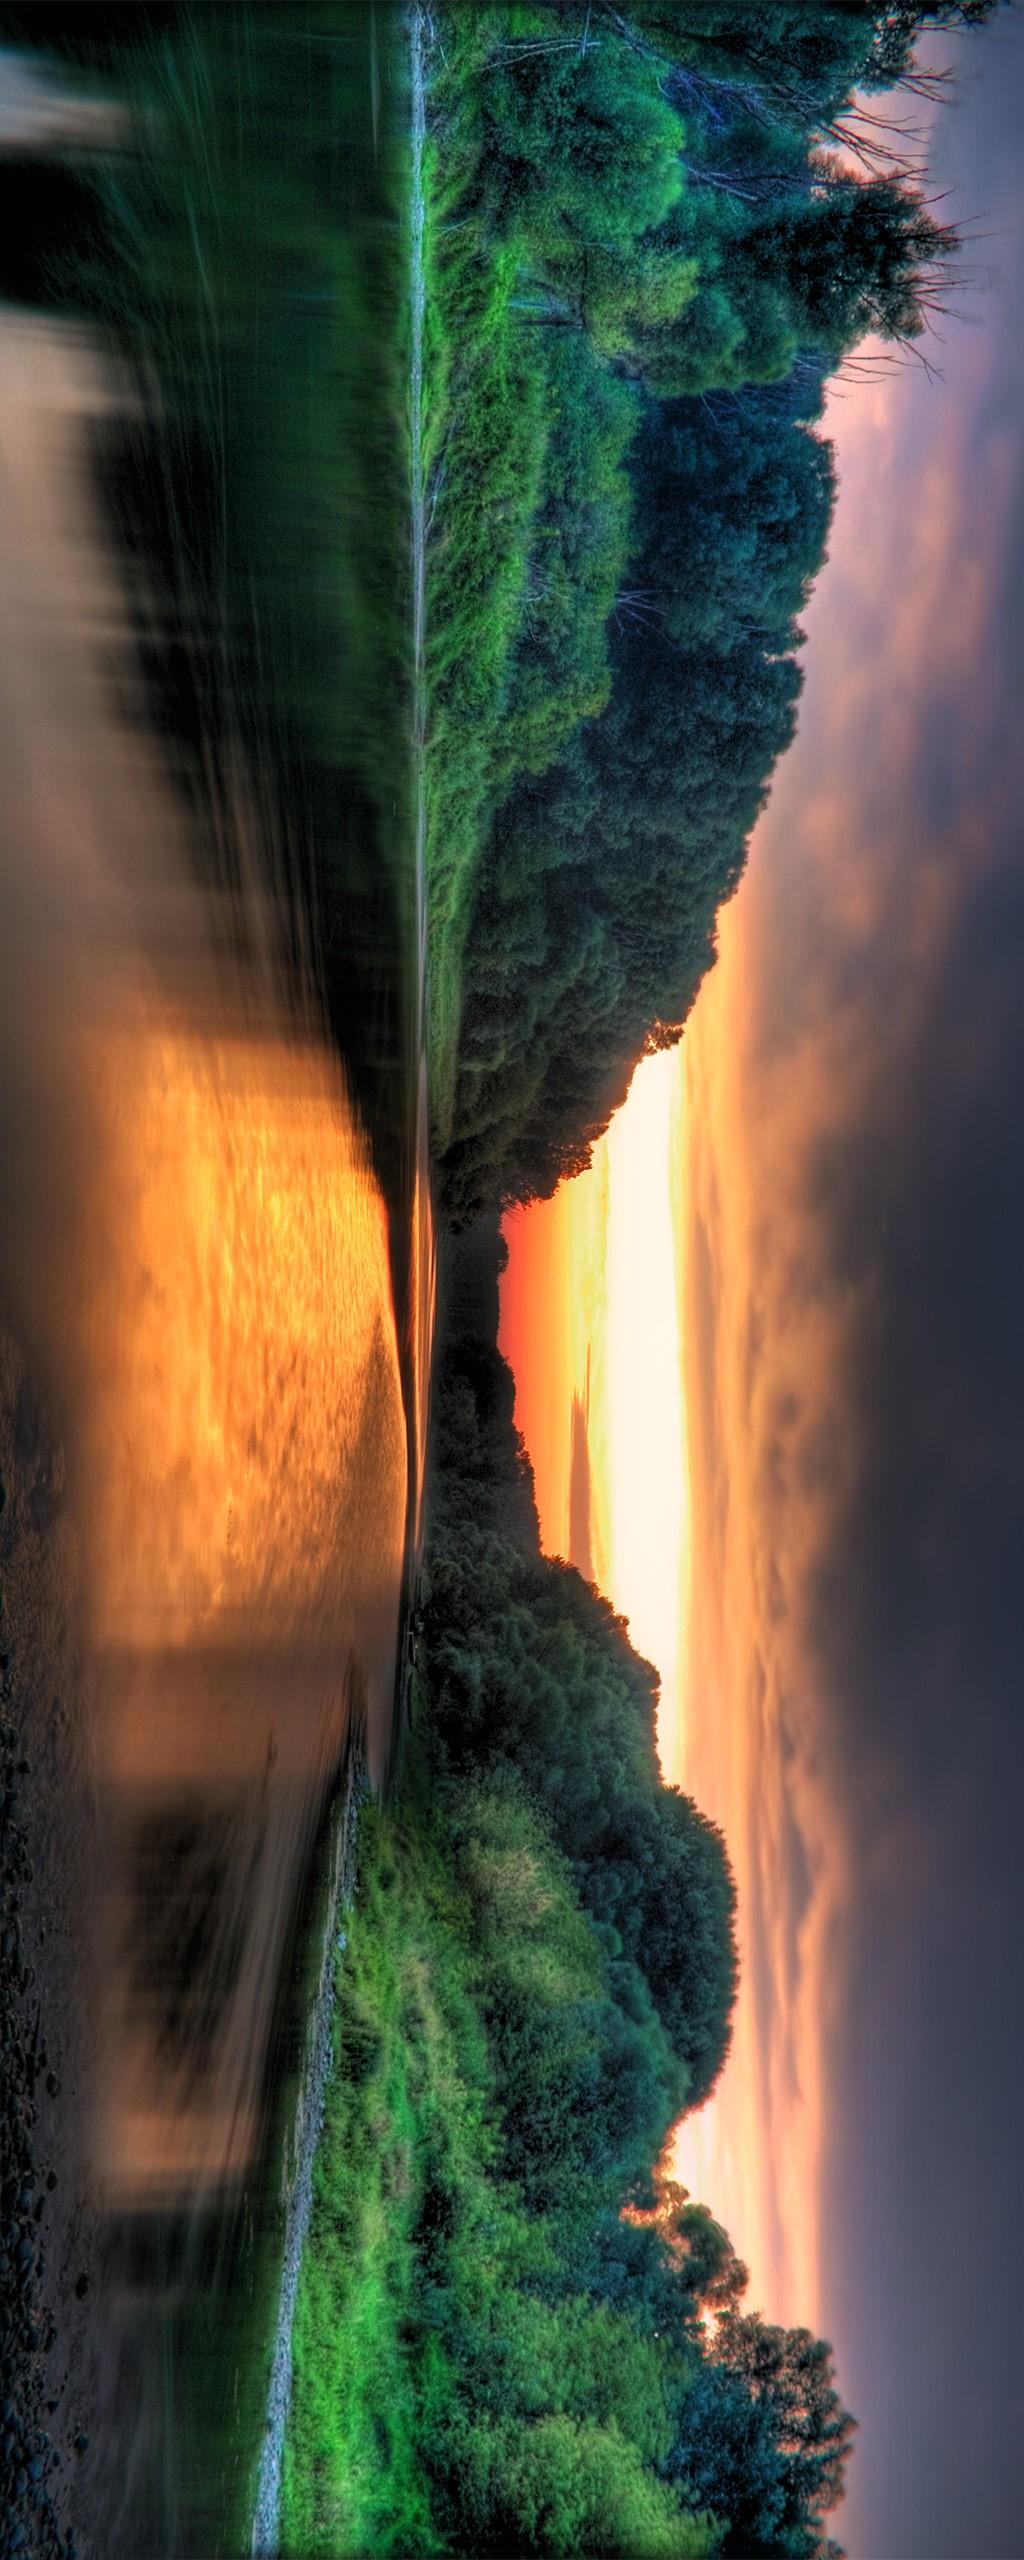 多瑙河流經哪10個國家?_塞爾維亞